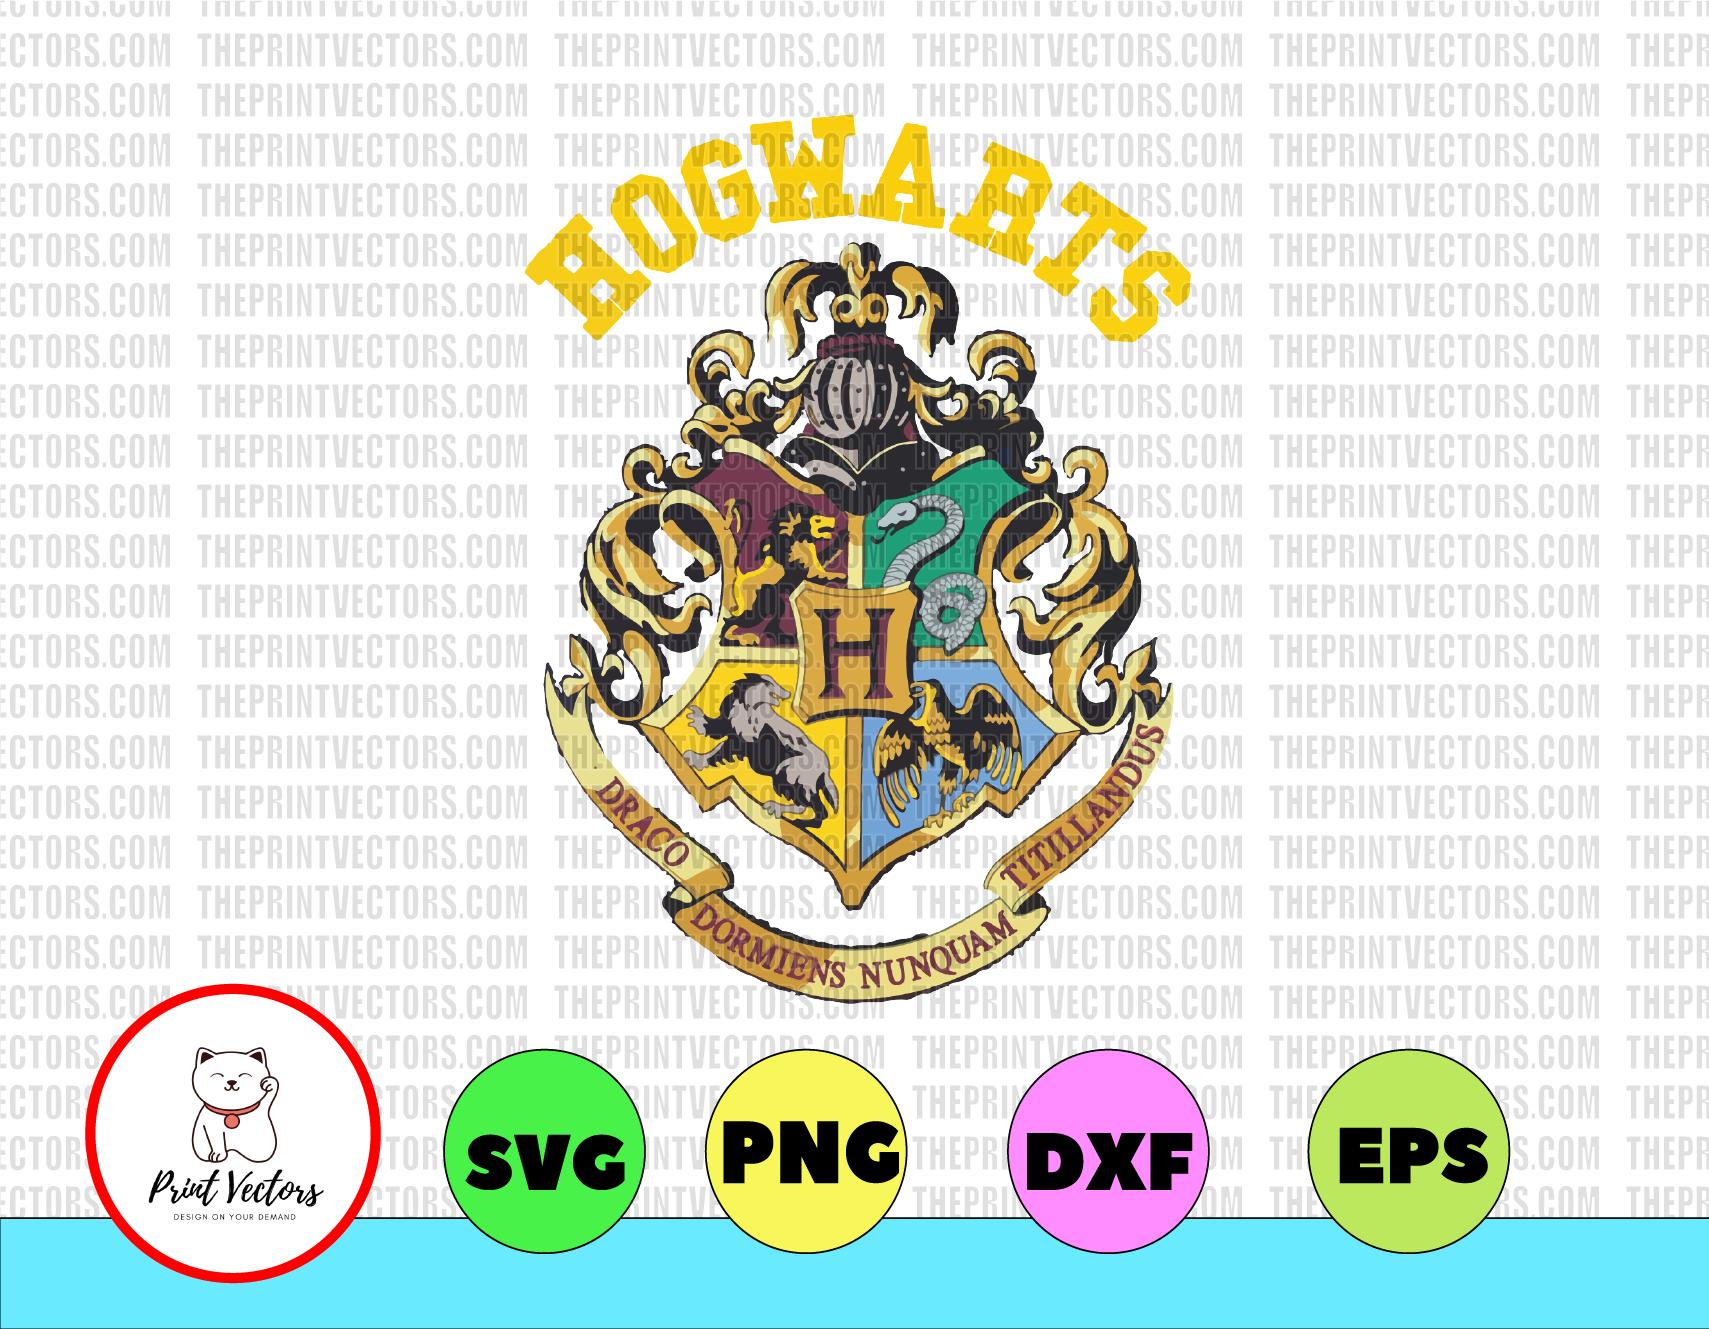 Harry Potter Hogwarts School Harry Potter Png Instant Download Harry Potter Hogwarts Hogwarts School Hogwarts